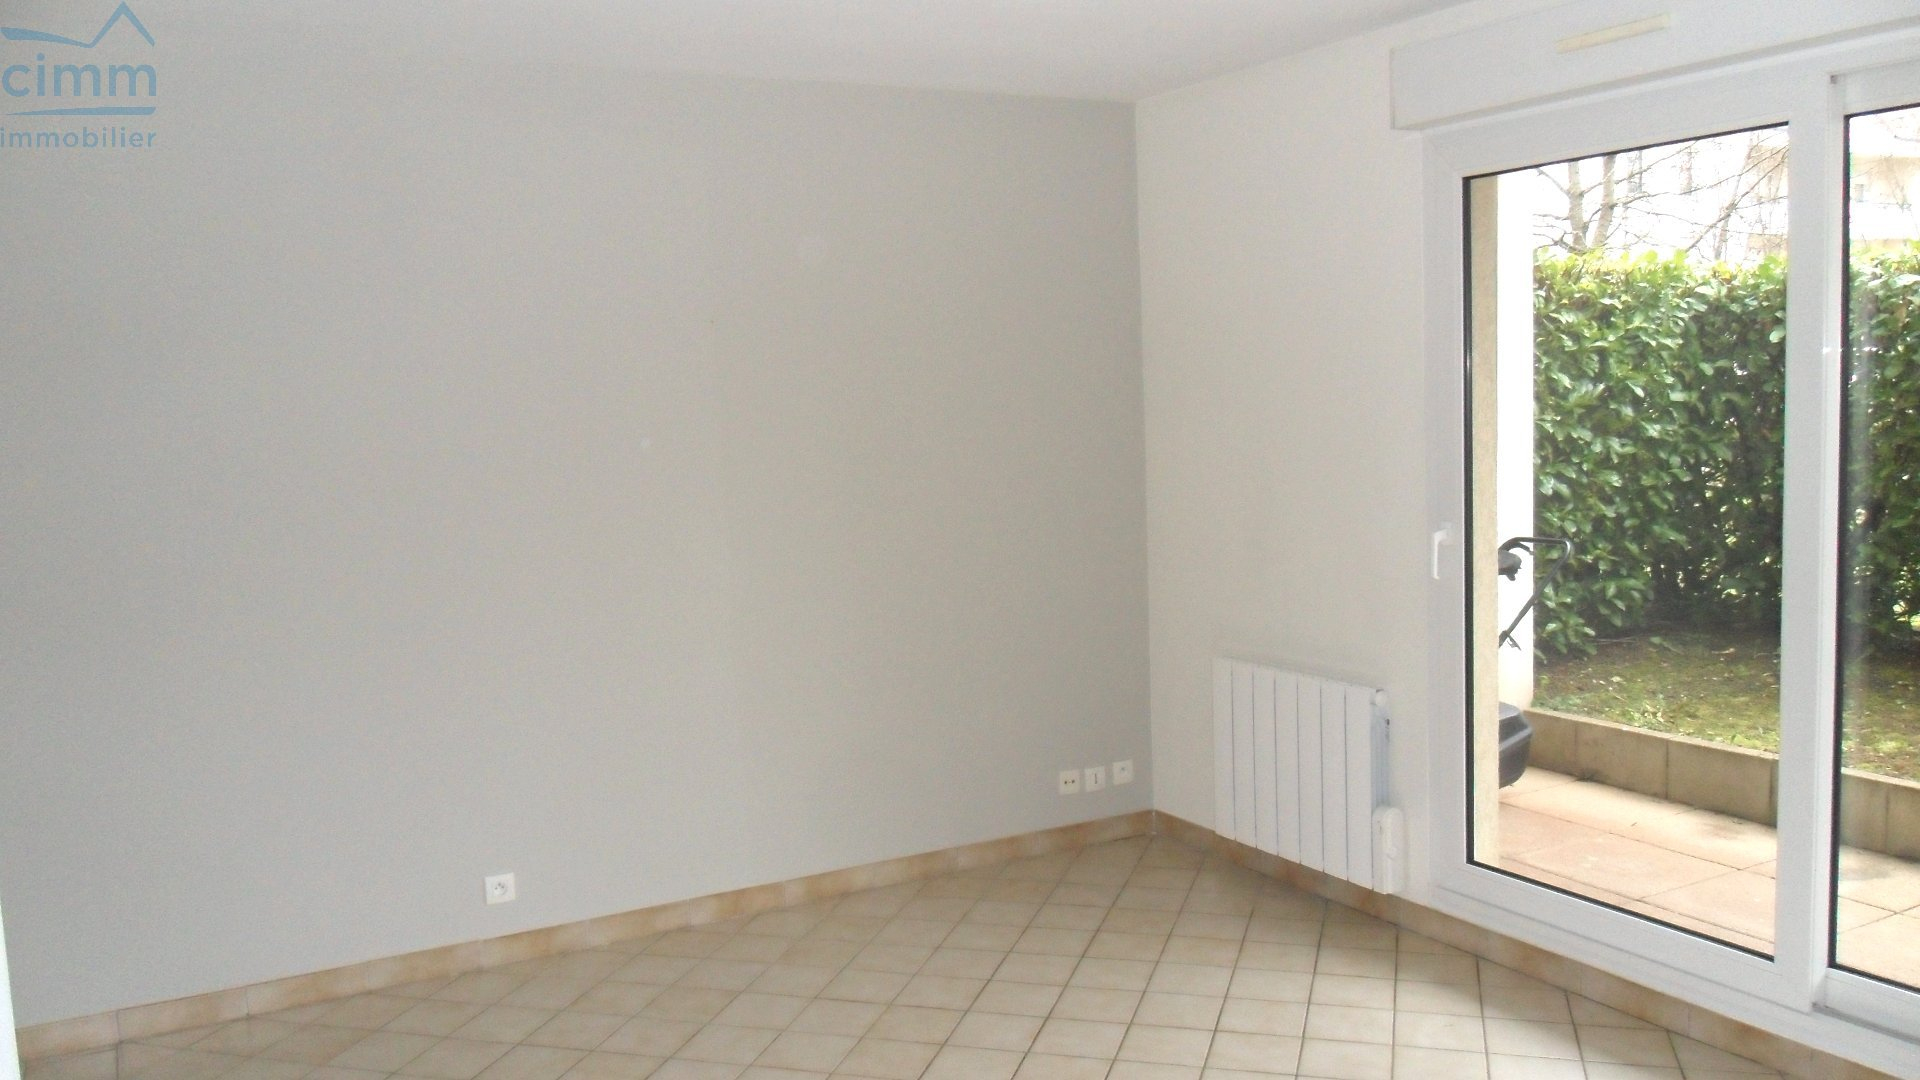 (Cg1288) Location Dijon Toison D'or, Appartement T2 En Rez-De-Jar destiné Location Rez De Jardin Dijon